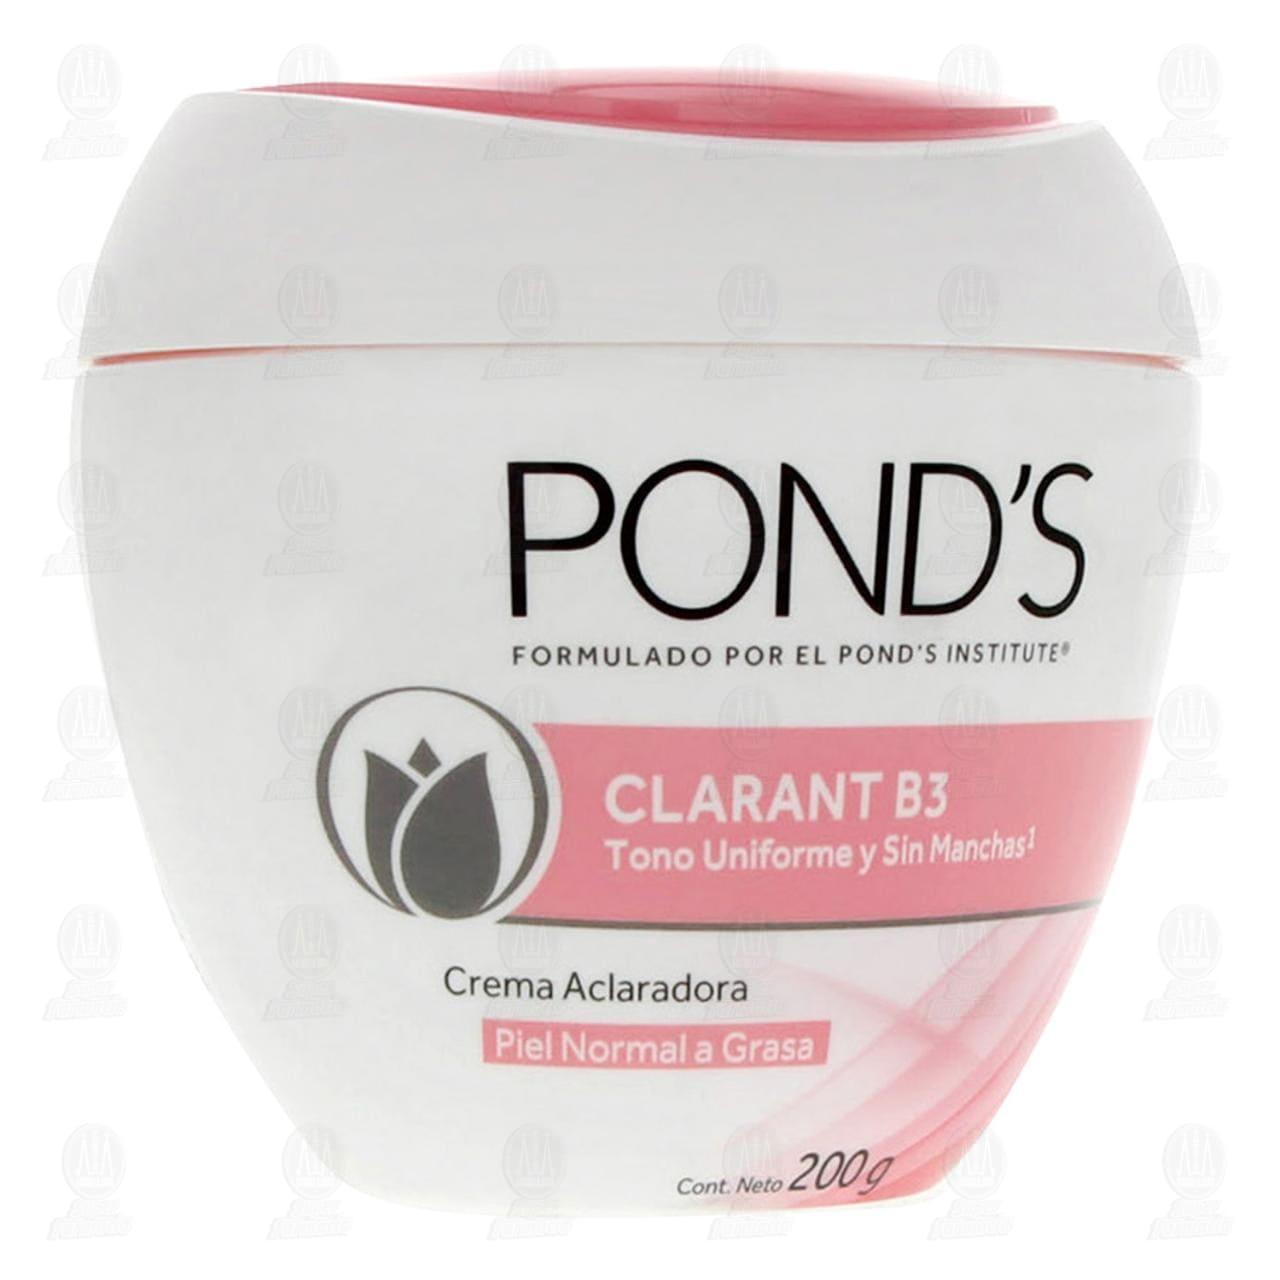 Comprar Crema Facial Pond's Clarant B3 para Piel Normal a Grasa, 200 gr. en Farmacias Guadalajara